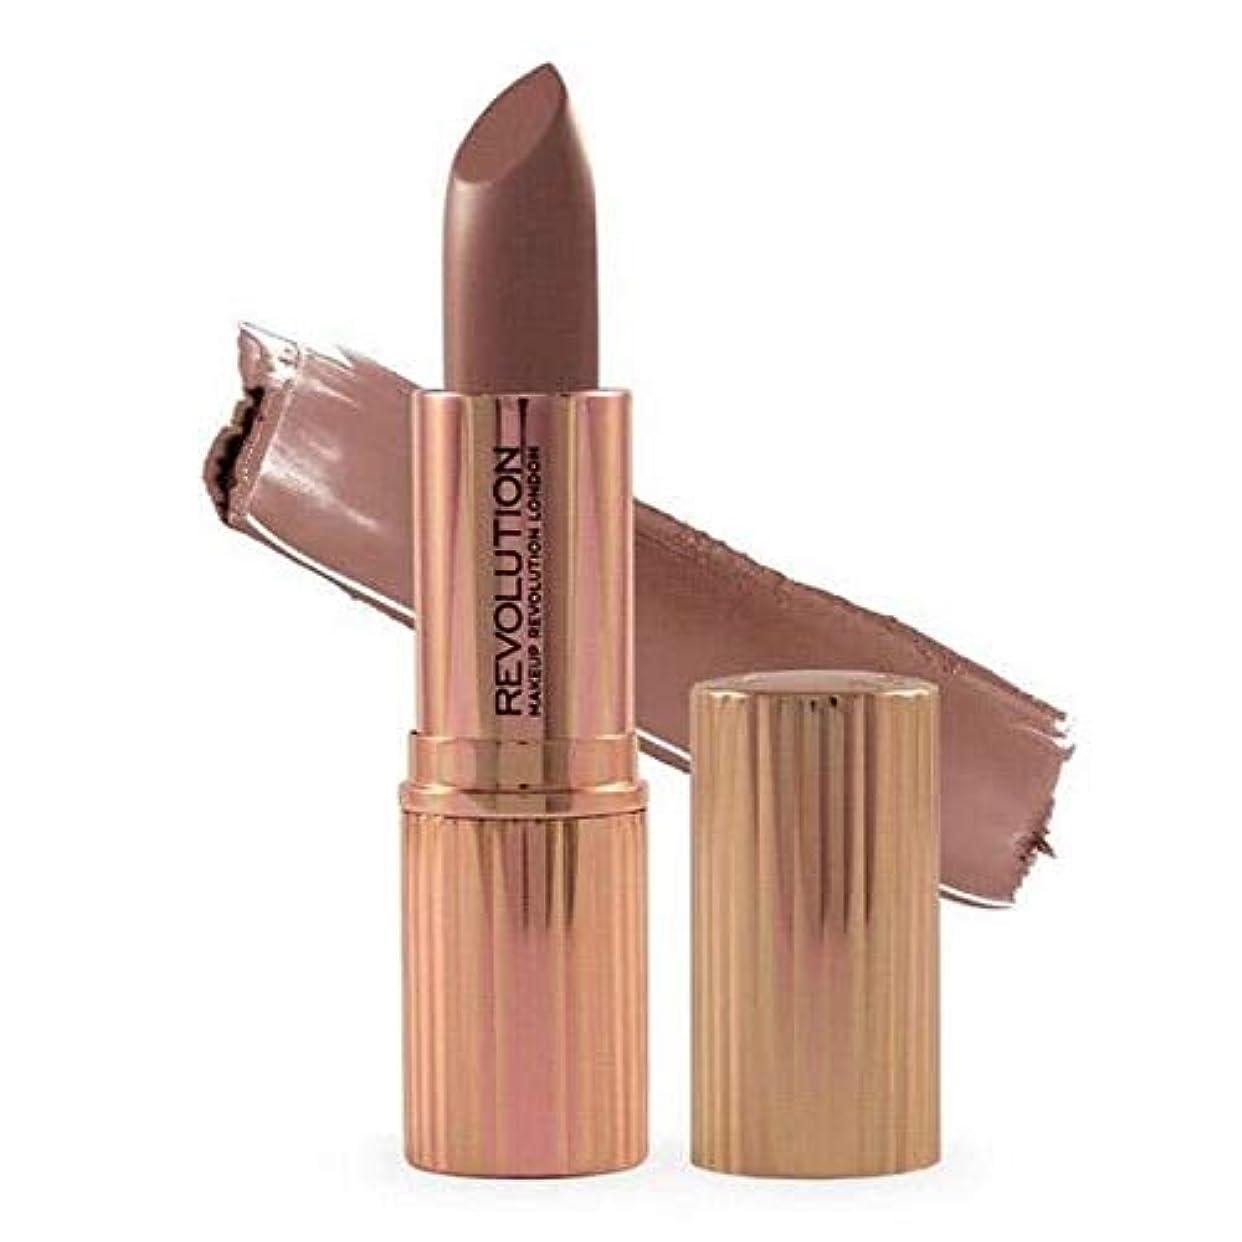 クック自由秘密の[Revolution ] 革命ルネサンス口紅の誓い - Revolution Renaissance Lipstick Vow [並行輸入品]